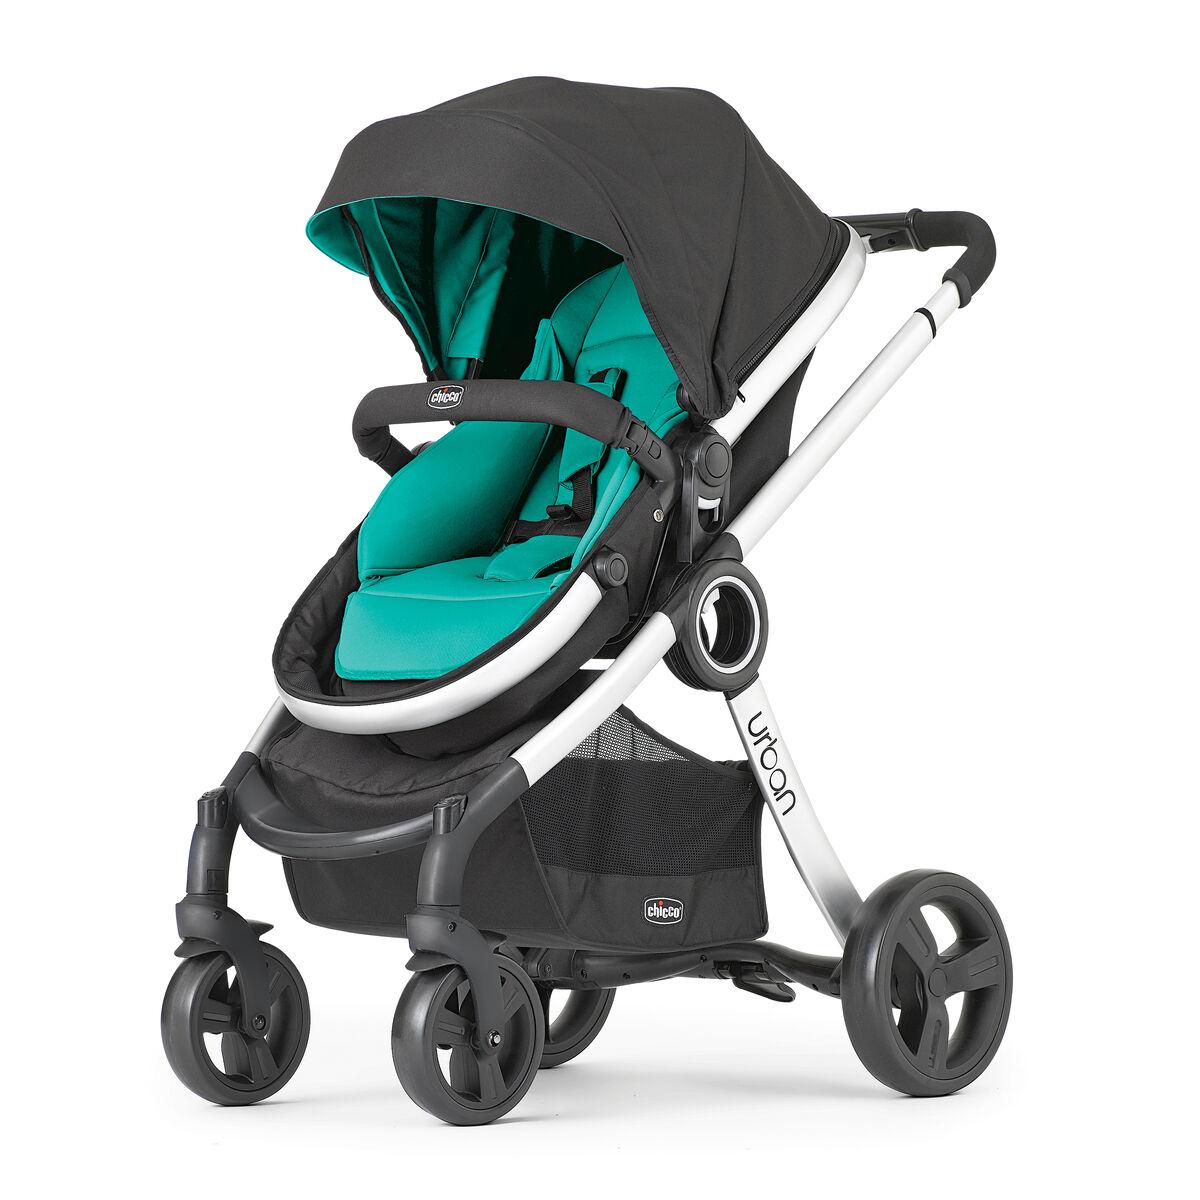 Chicco Keyfit Stroller Frame